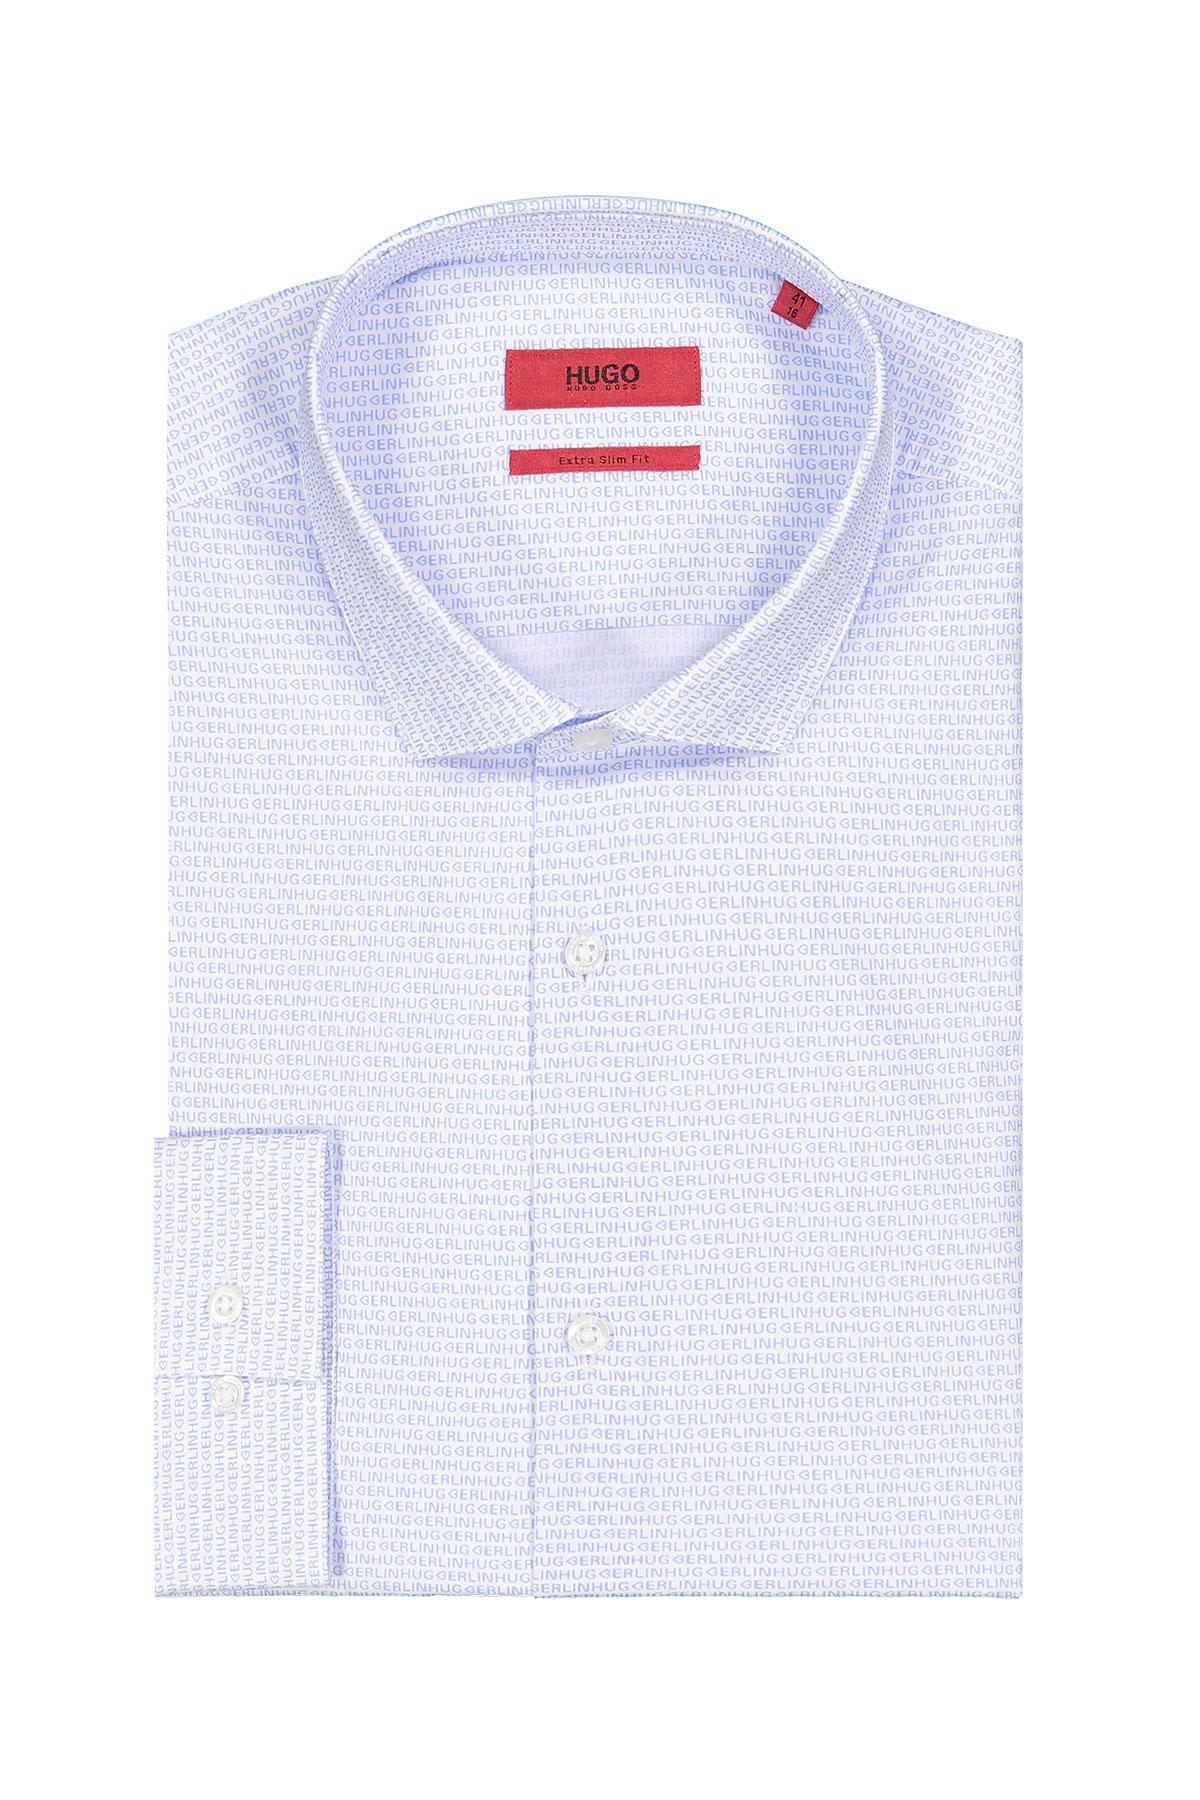 Camisa Hugo Boss, Extra slim fit, blanca estampado de texto celeste.